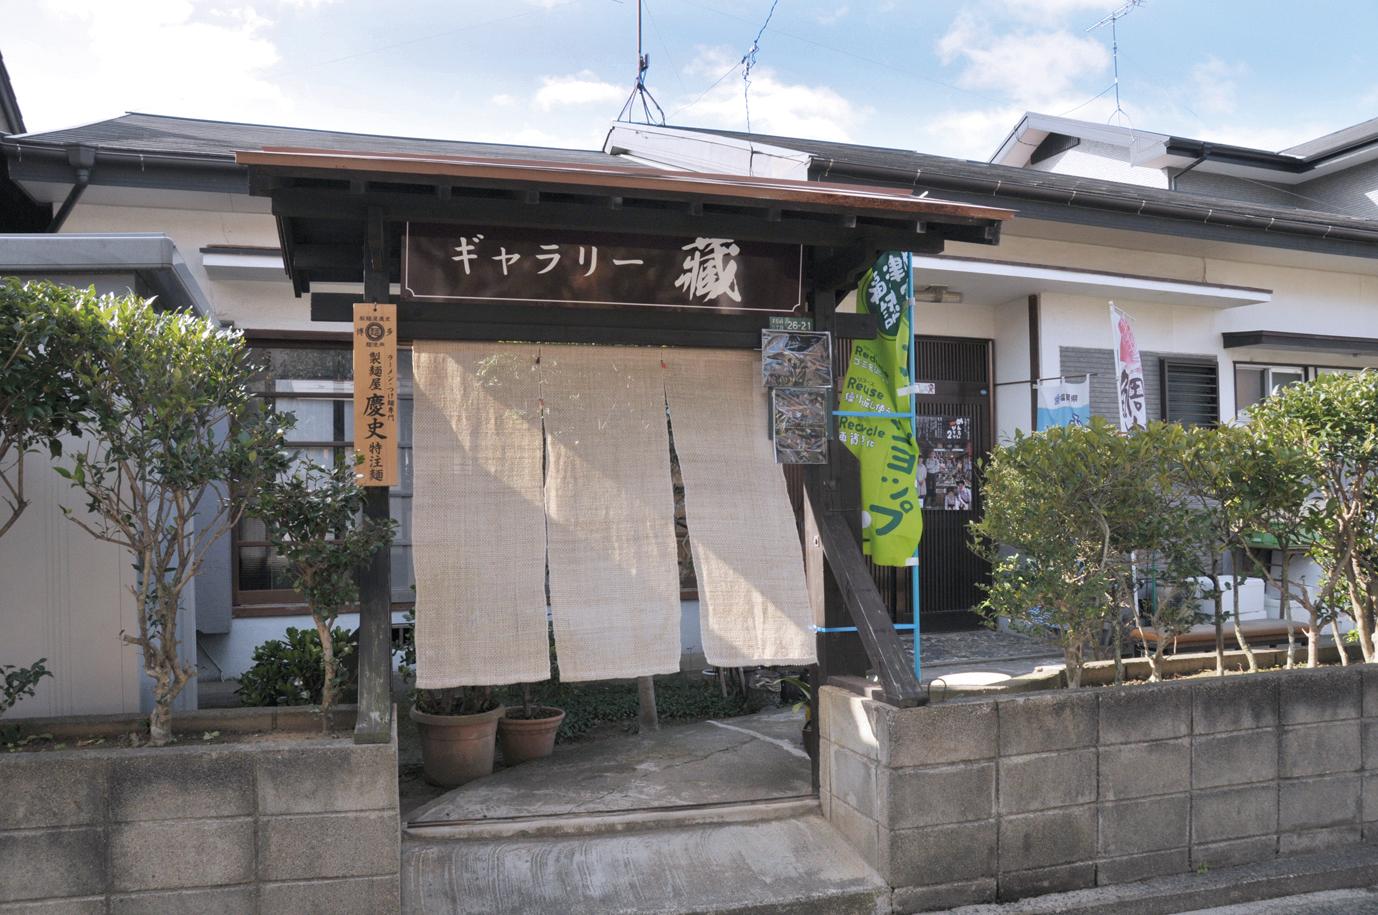 ギャラリー蔵(ギャラリークラ)